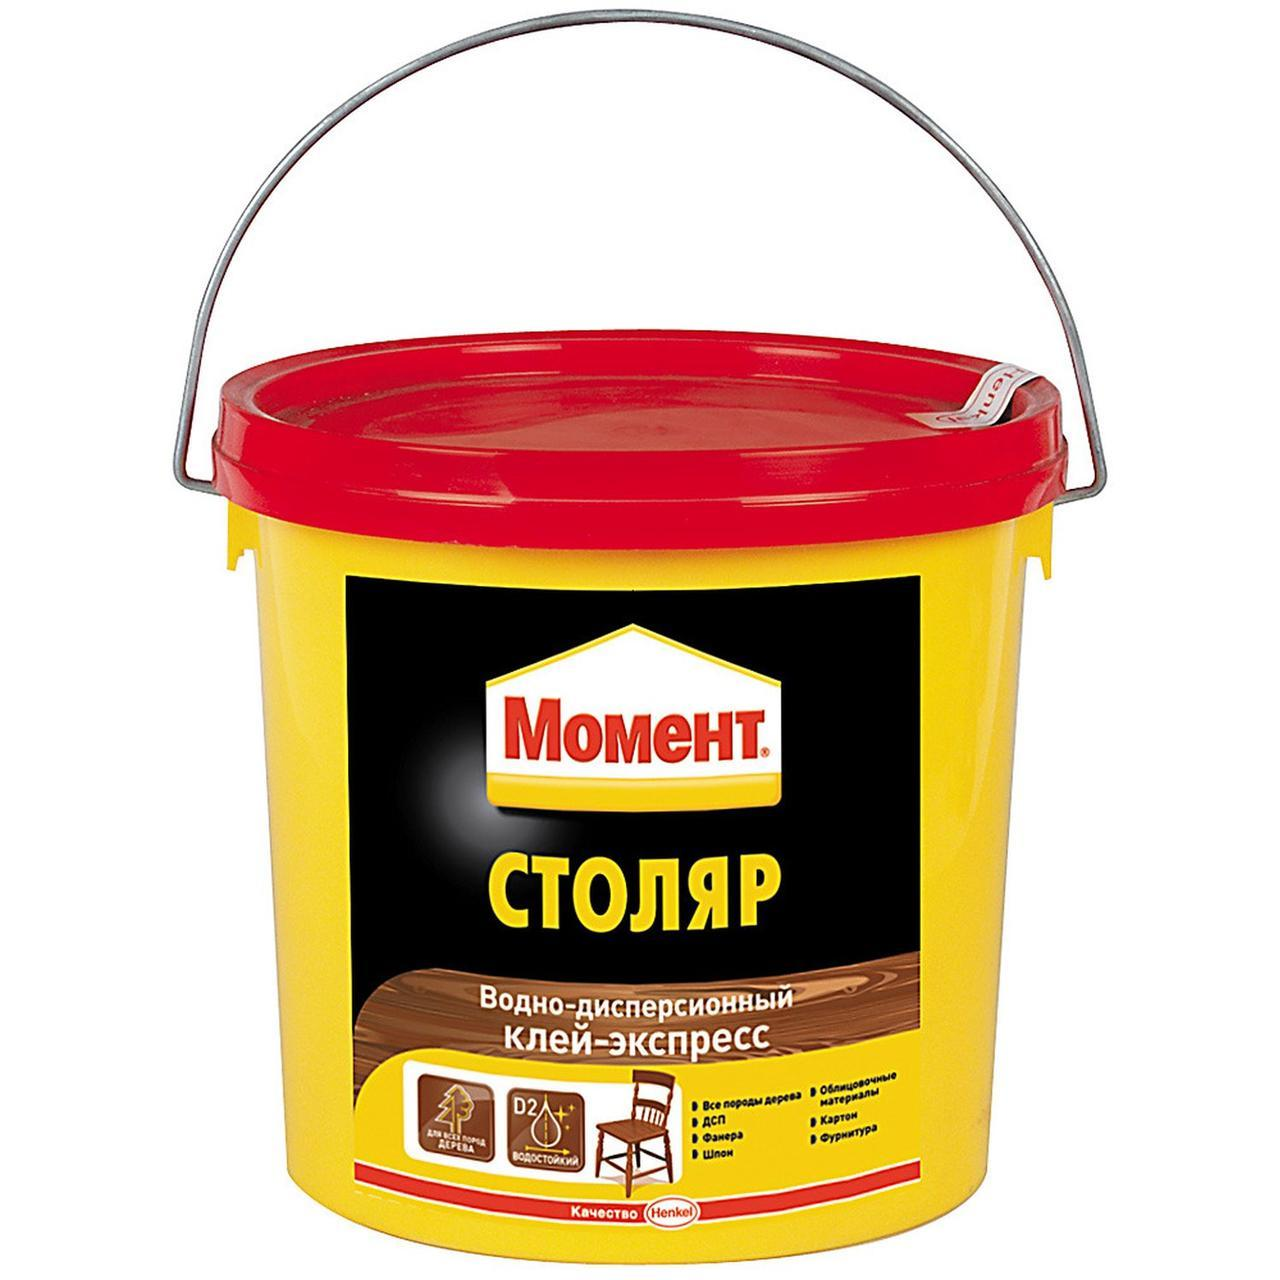 МОМЕНТ Столяр Водно-дисперсионный клей-экспресс для дерева 750 г